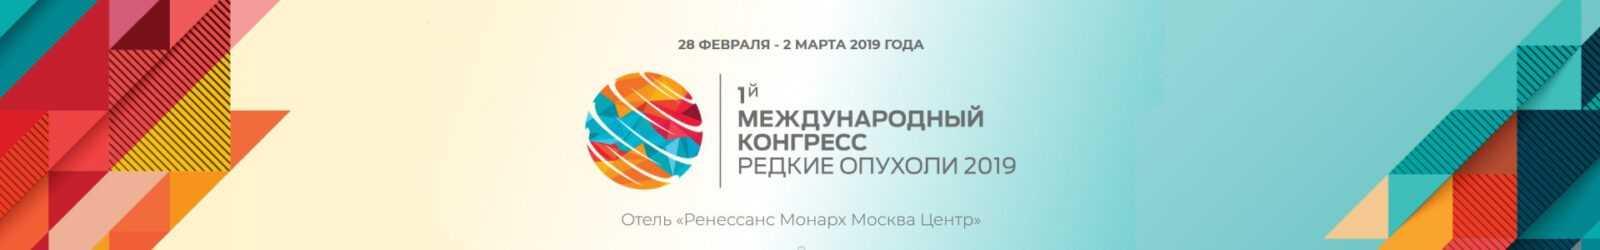 Первый международный конгресс «Редкие опухоли. Фундаментальные и клинические достижения»